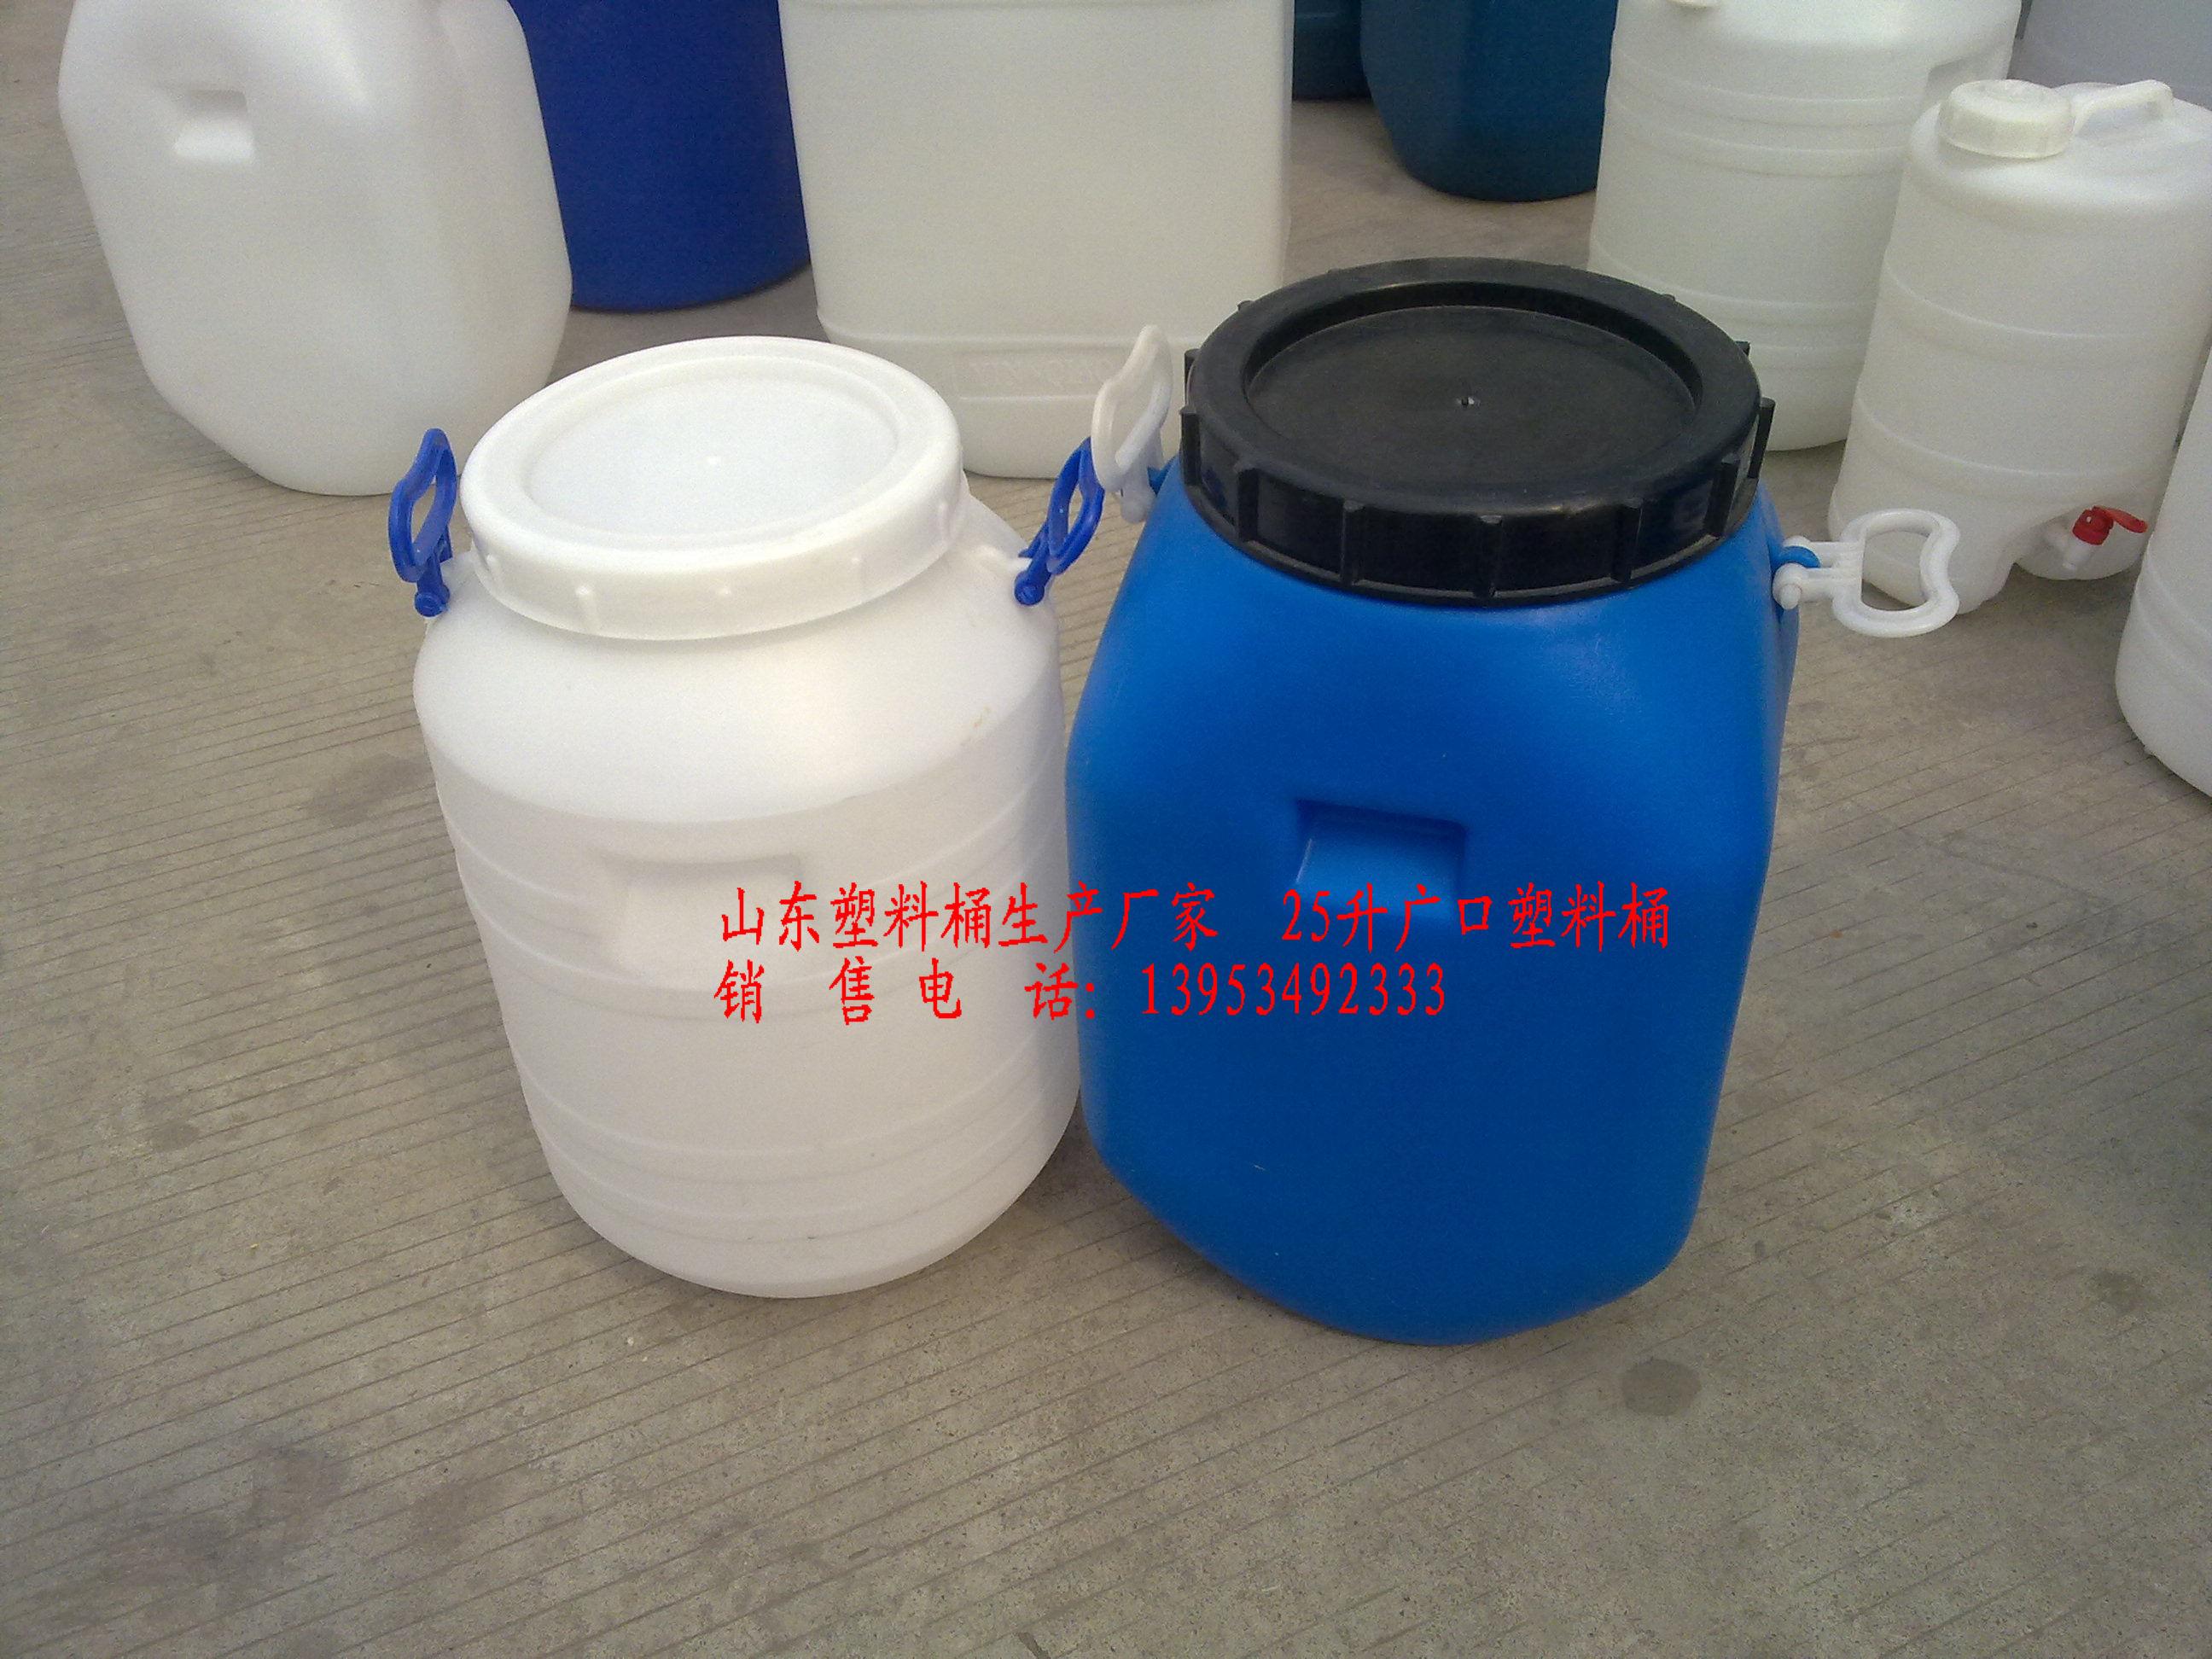 丹东25升公斤kg螺旋口塑料桶生产厂家山东庆云